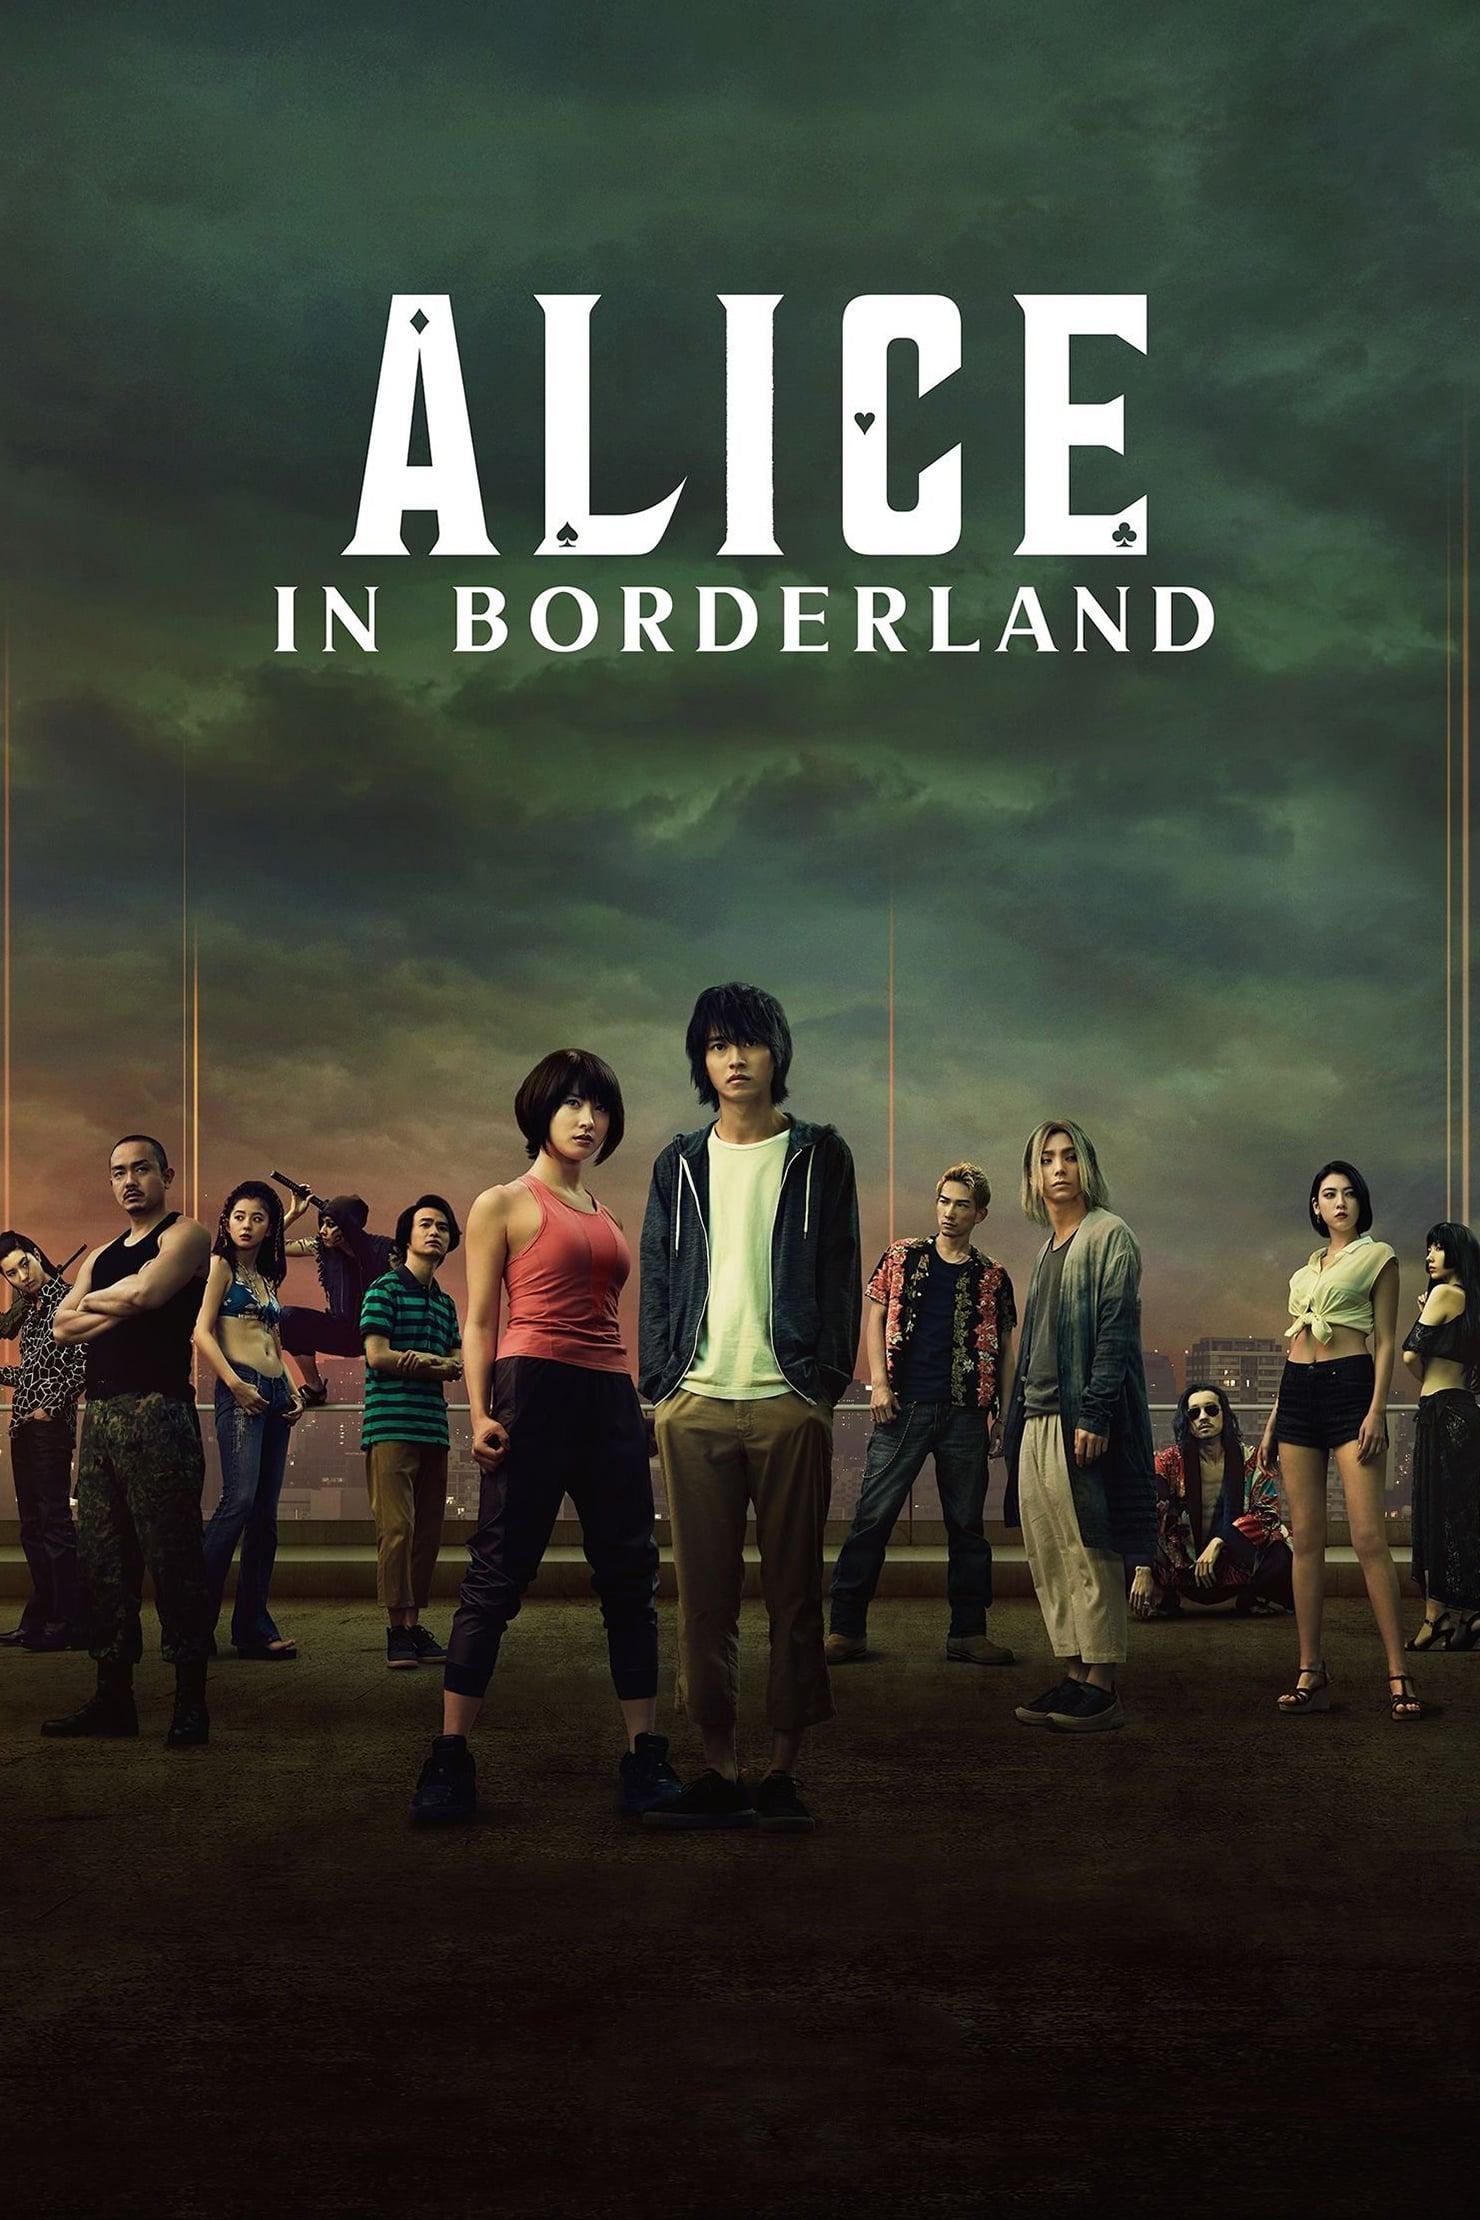 دانلود سریال Alice in Borderland